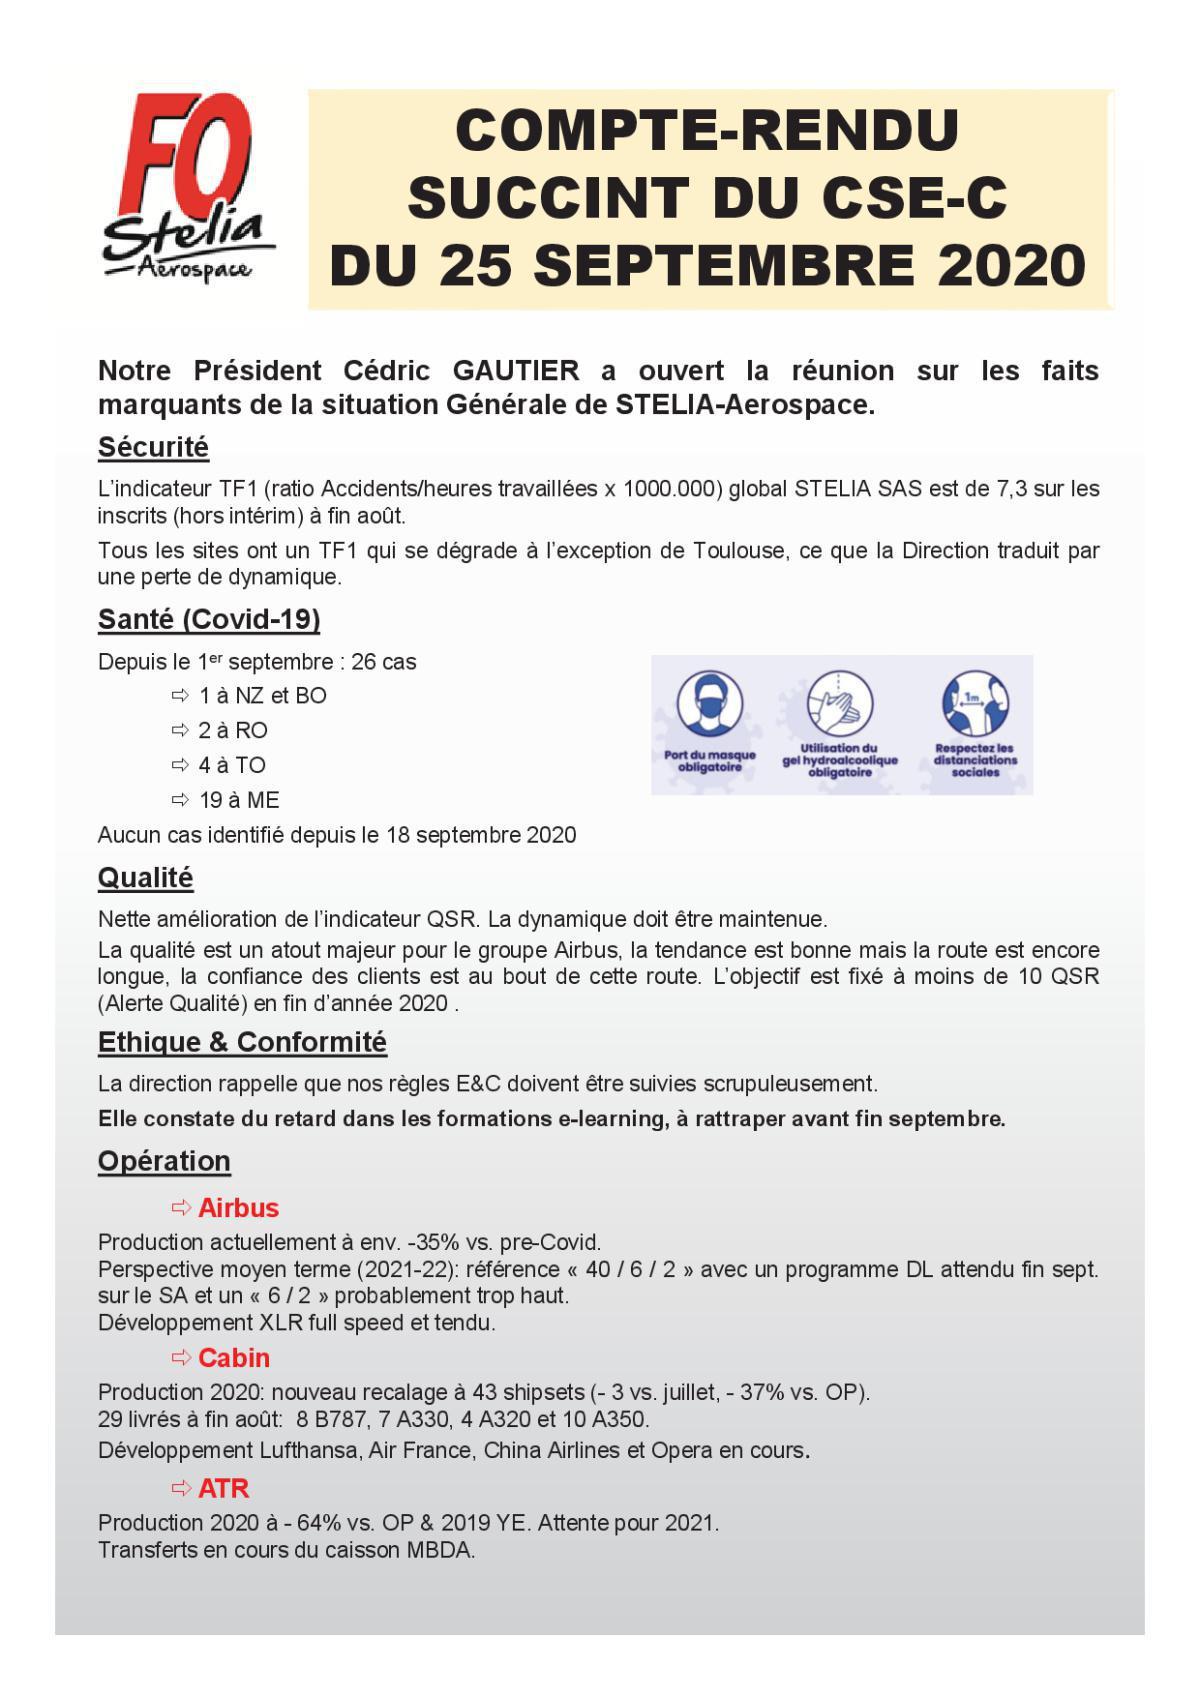 CR succinct CSE-C du 25 septembre 2020